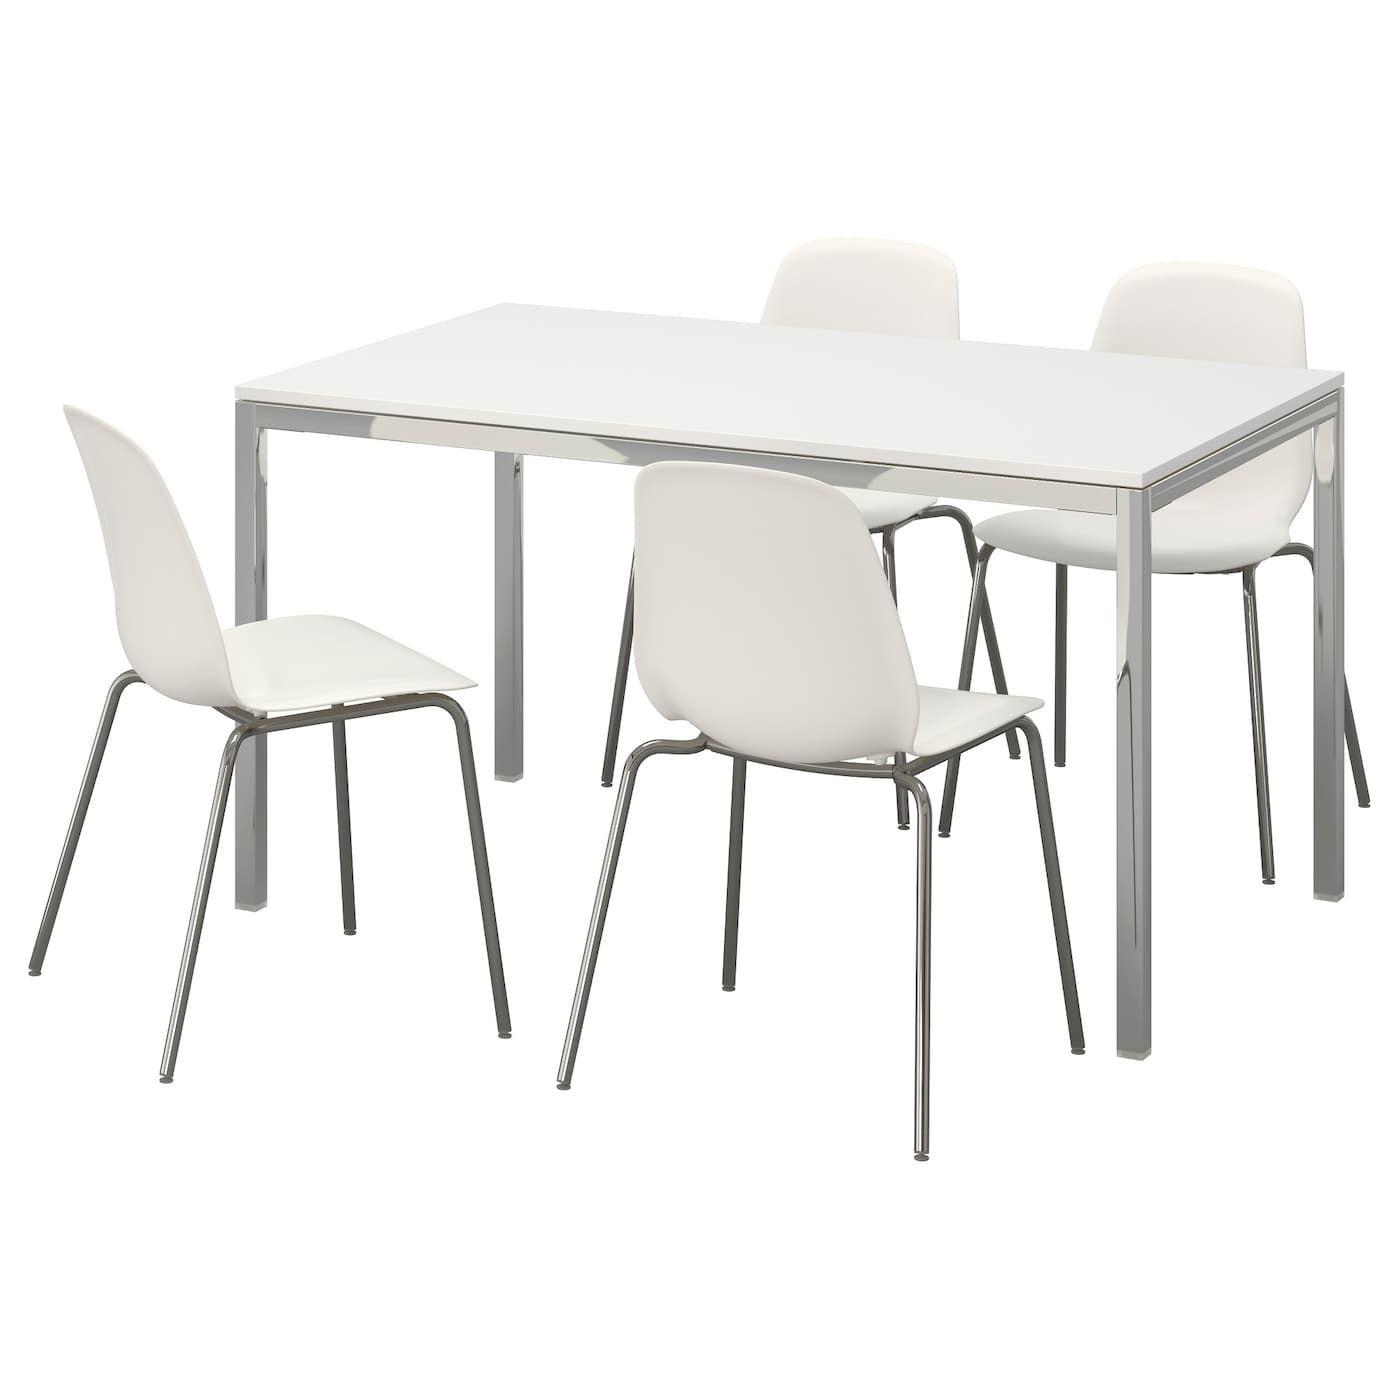 Torsby Leifarne Tisch Und 4 Stuhle Hochglanz Weiss Weiss